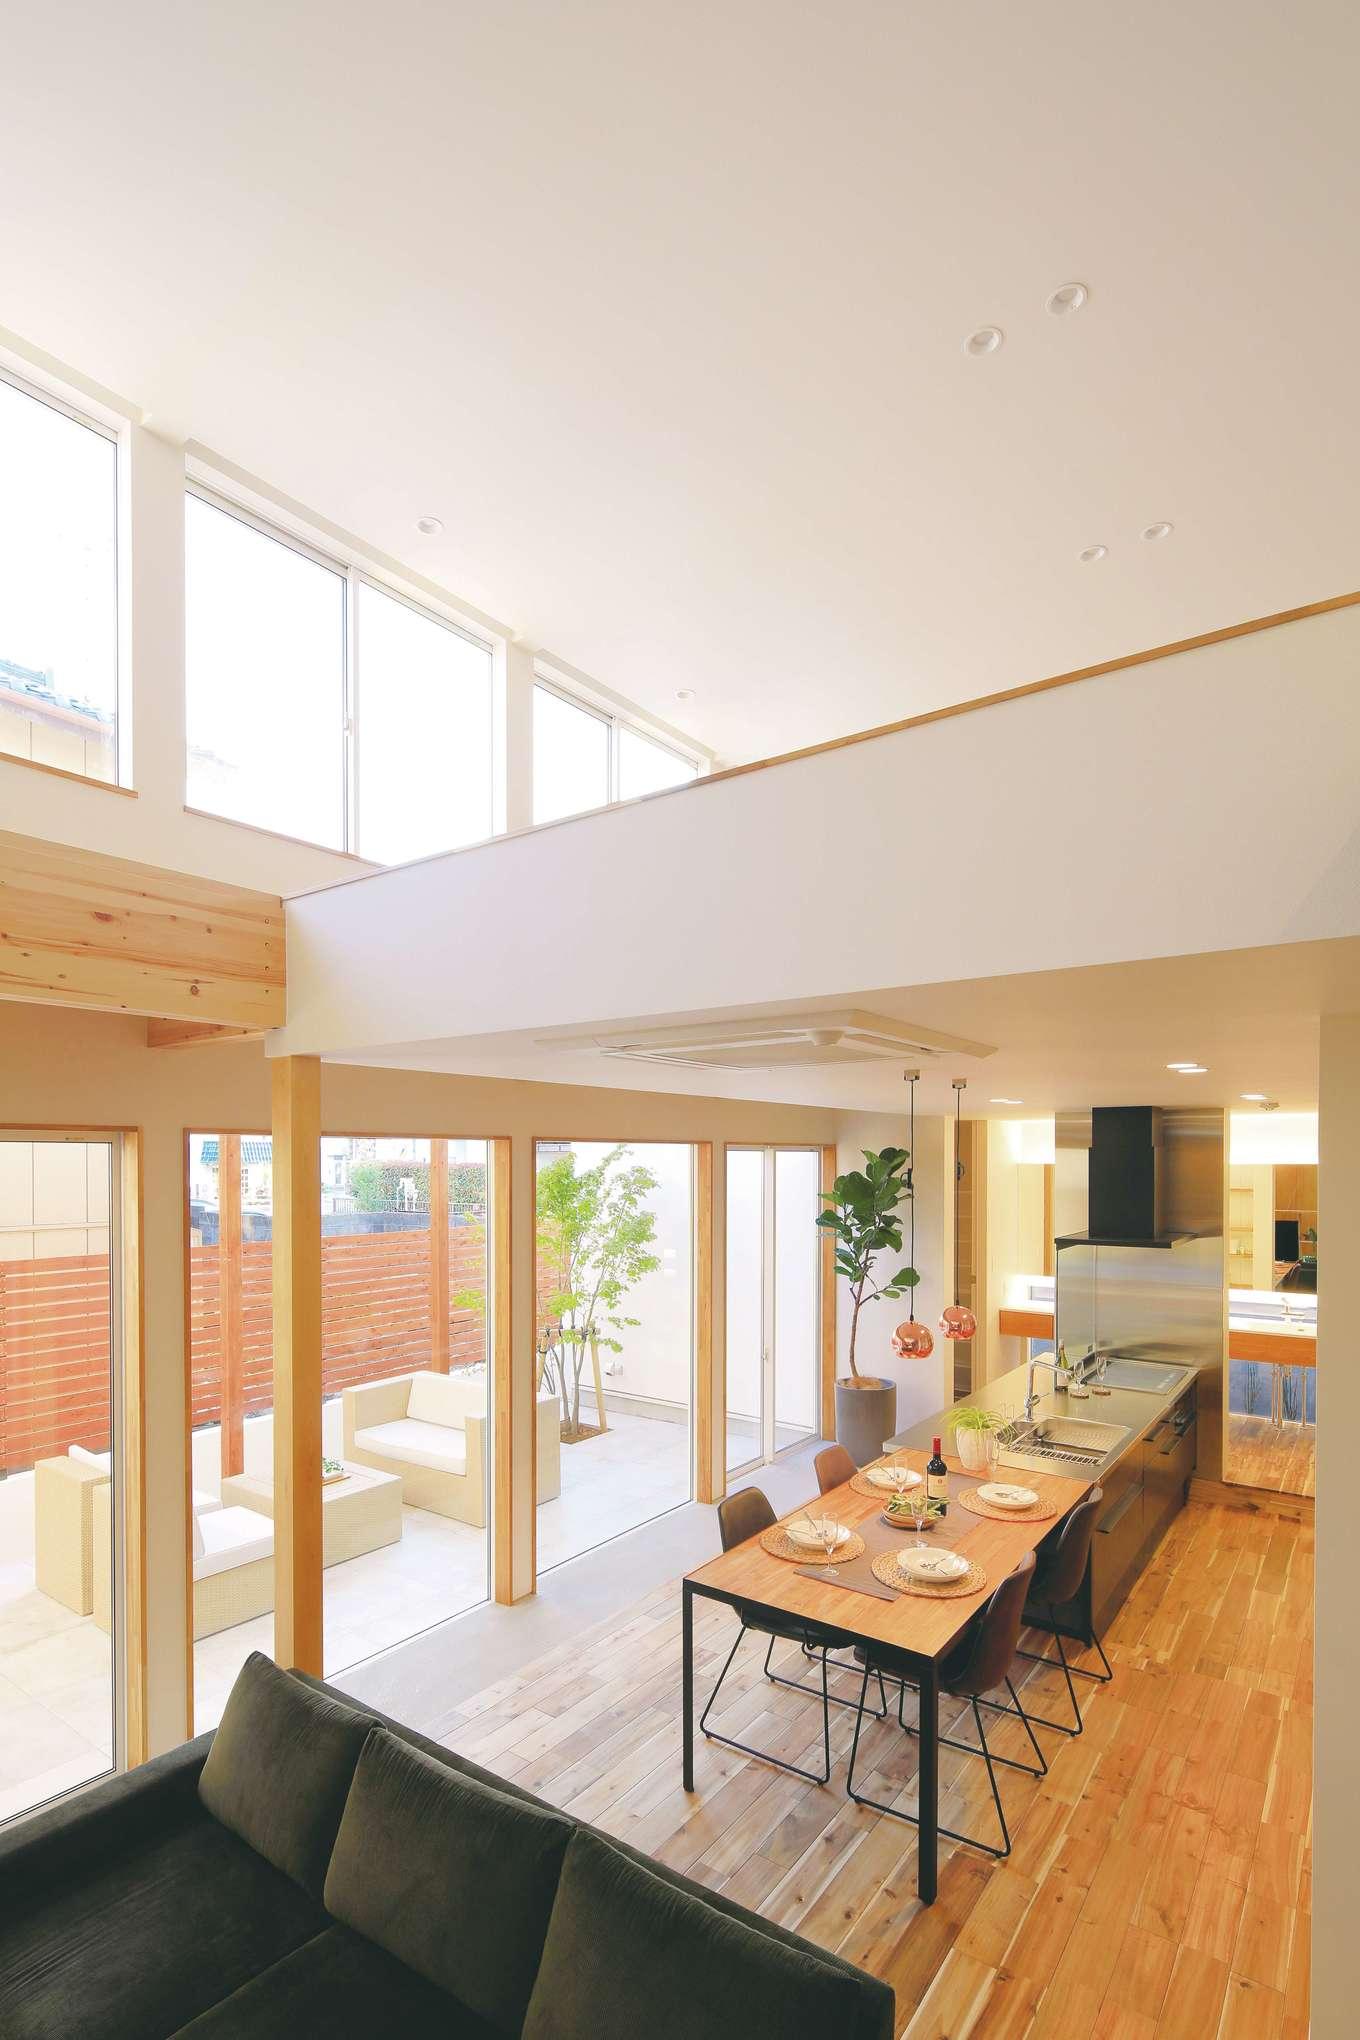 住家 ~JYU-KA~【デザイン住宅、間取り、建築家】天井まで届く壁一面のガラス張りは、想像以上の開放感